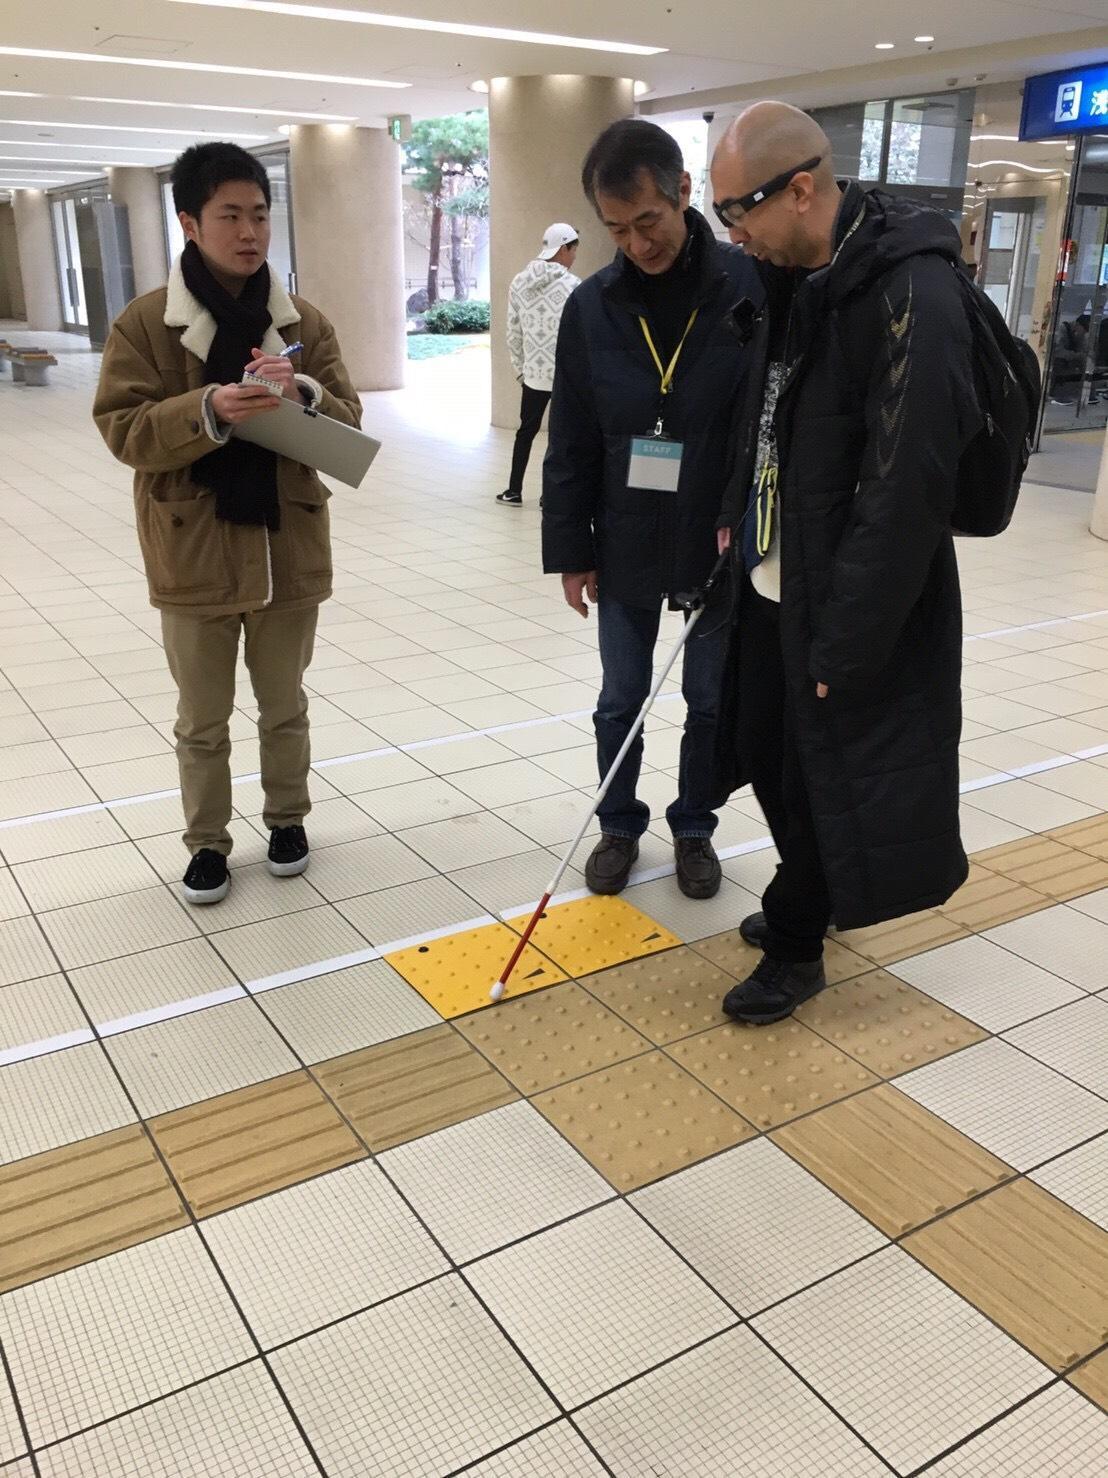 金沢工業大学が「コード化点字ブロックを活用したAI音声誘導サービス」の社会実装研究を開始 ~オープンデータ化し、金沢発の事業として他の自治体での普及も目指す